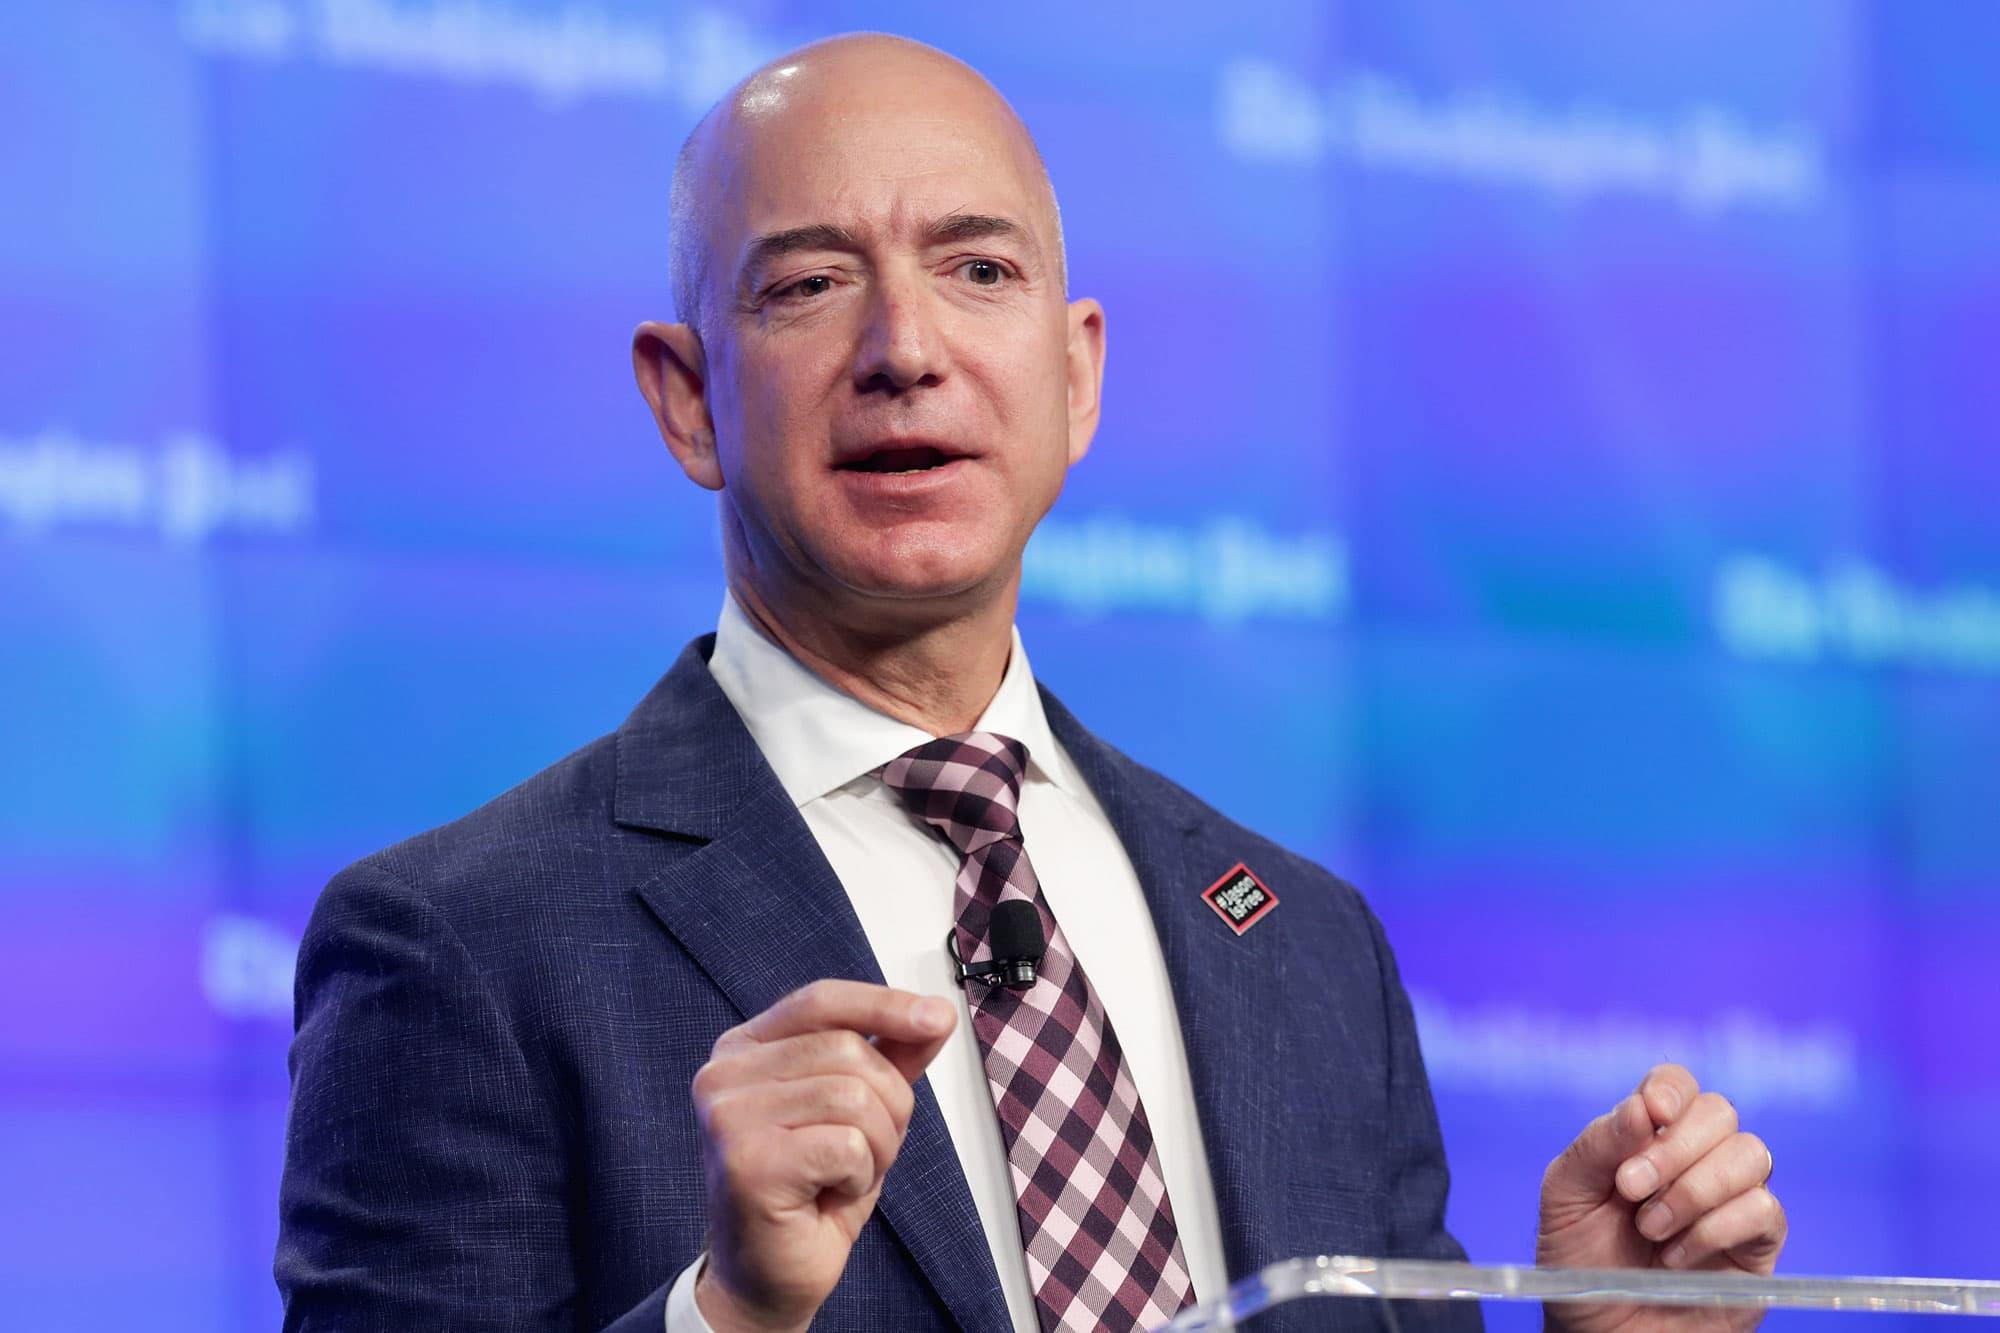 Hasil gambar untuk Jeff Bezos